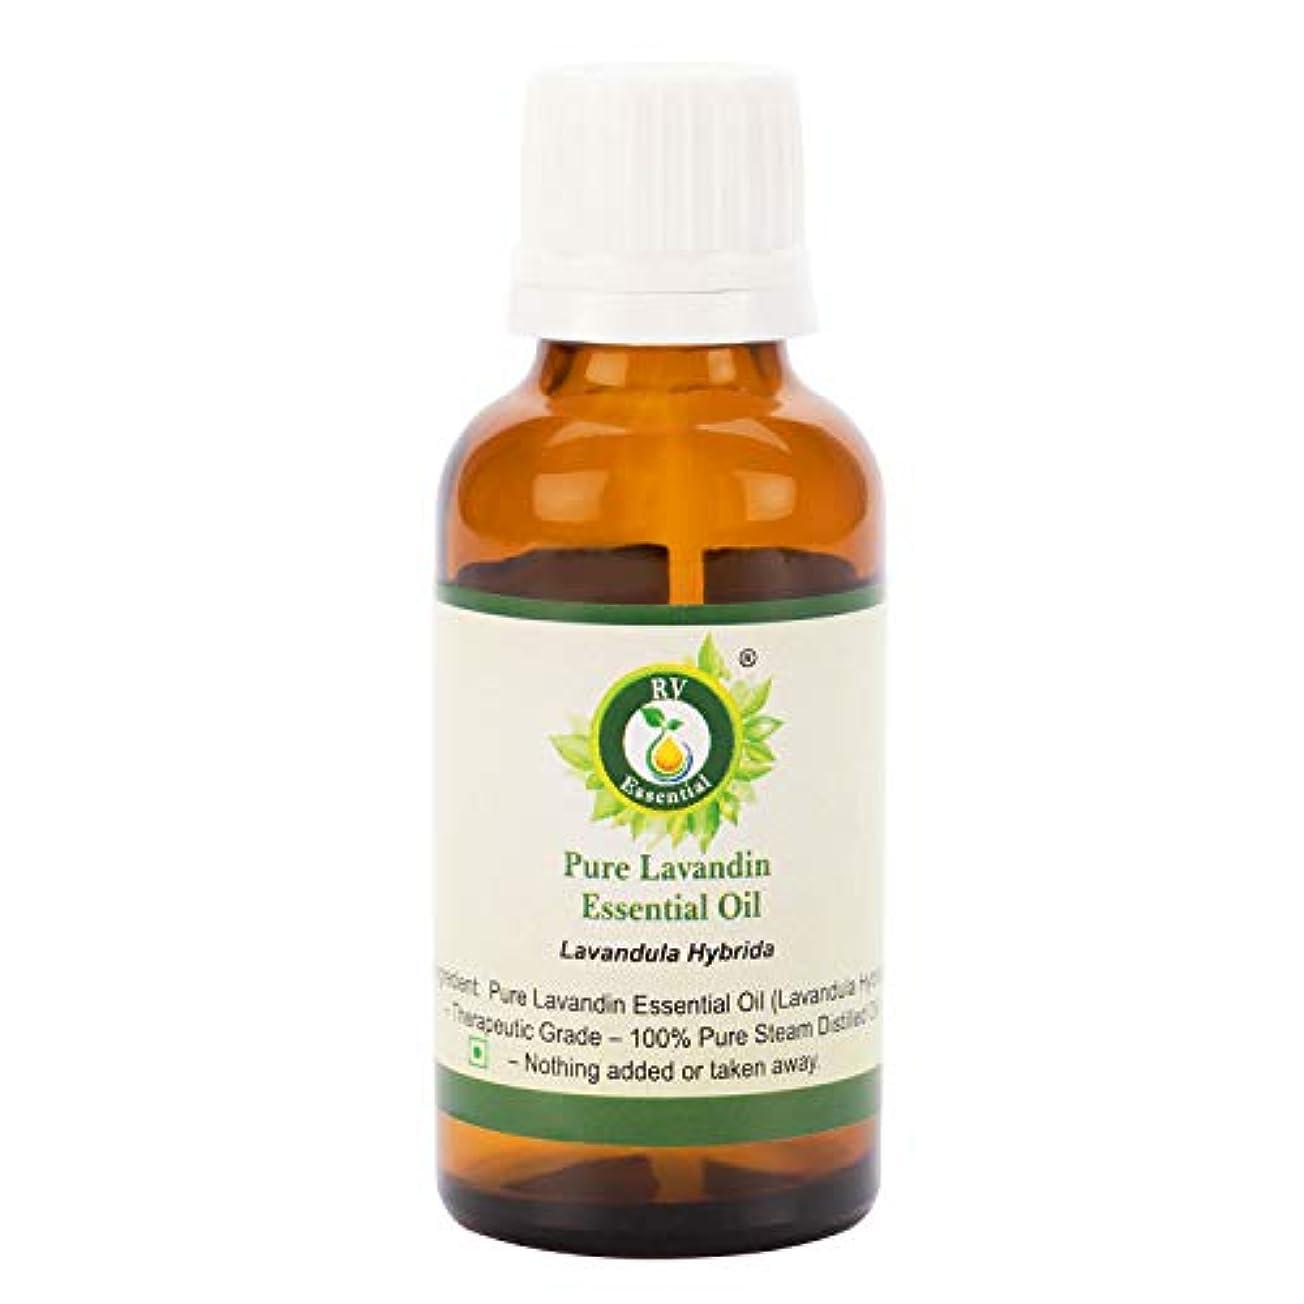 精査先住民飛ぶピュアLavandinエッセンシャルオイル300ml (10oz)- Lavandula Hybrida (100%純粋&天然スチームDistilled) Pure Lavandin Essential Oil